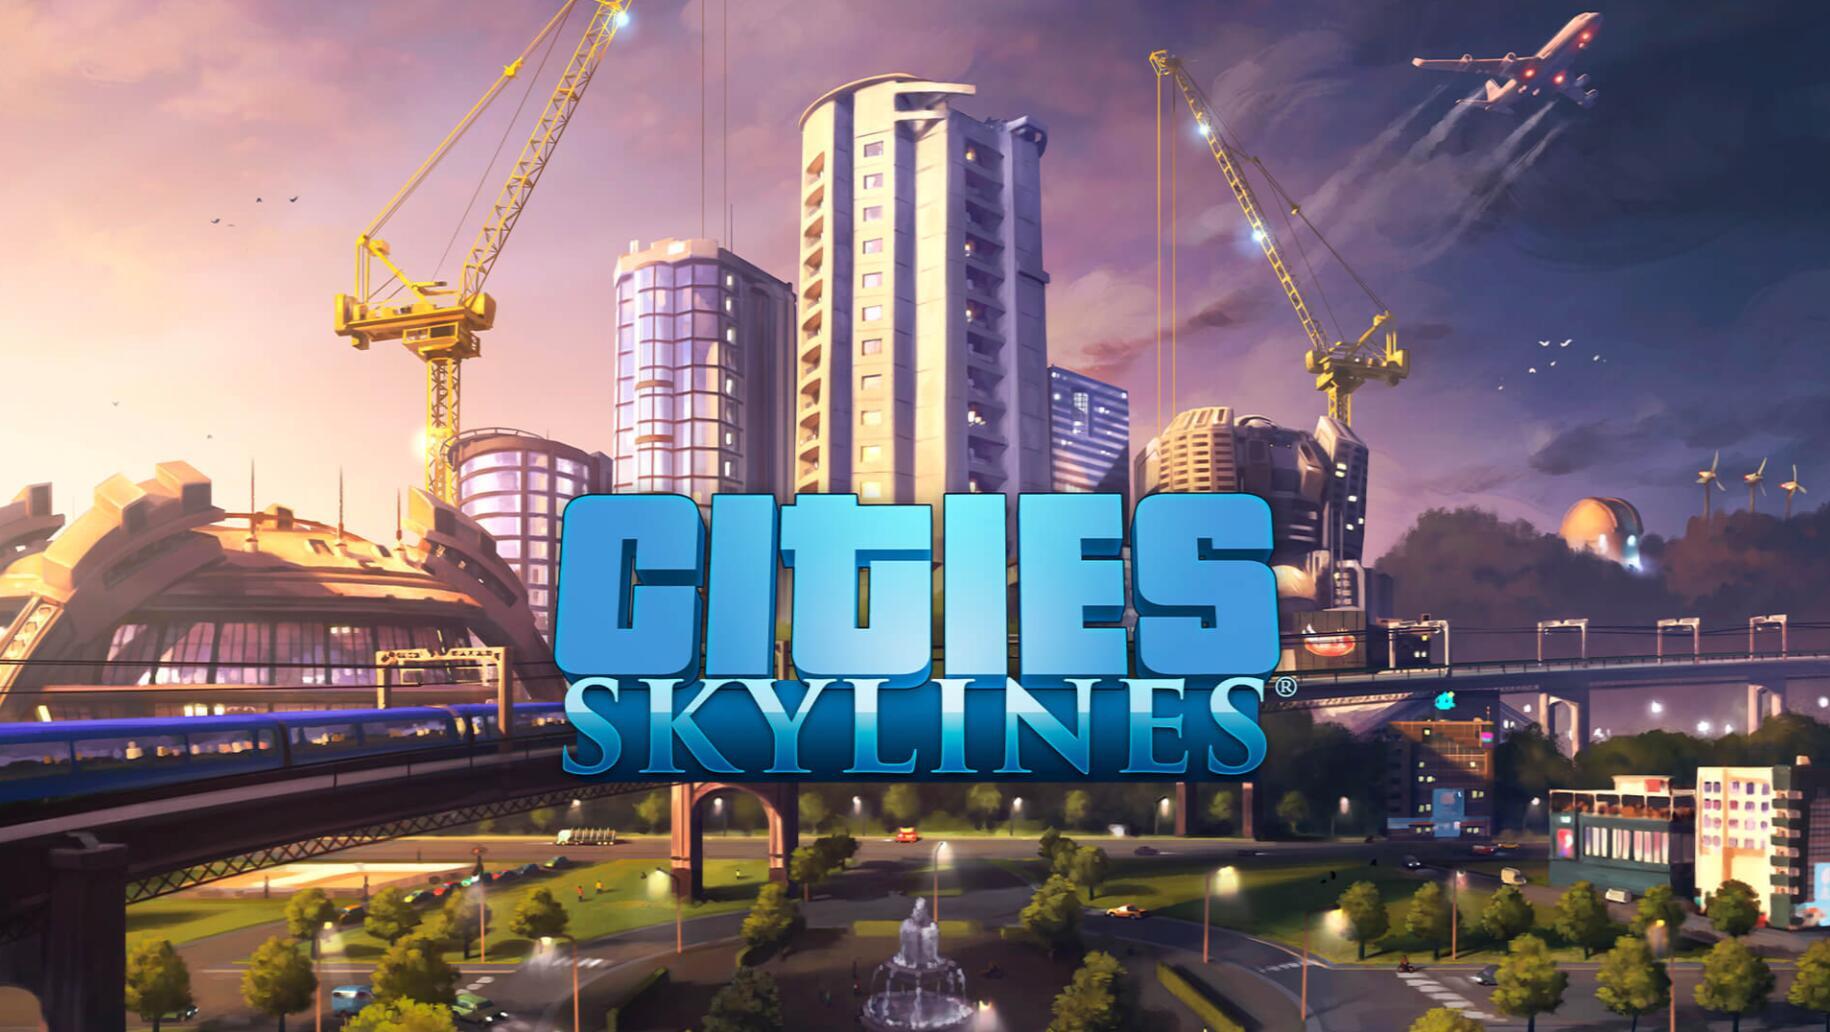 Epic每日喜加一更新 免费领《城市:天际线》